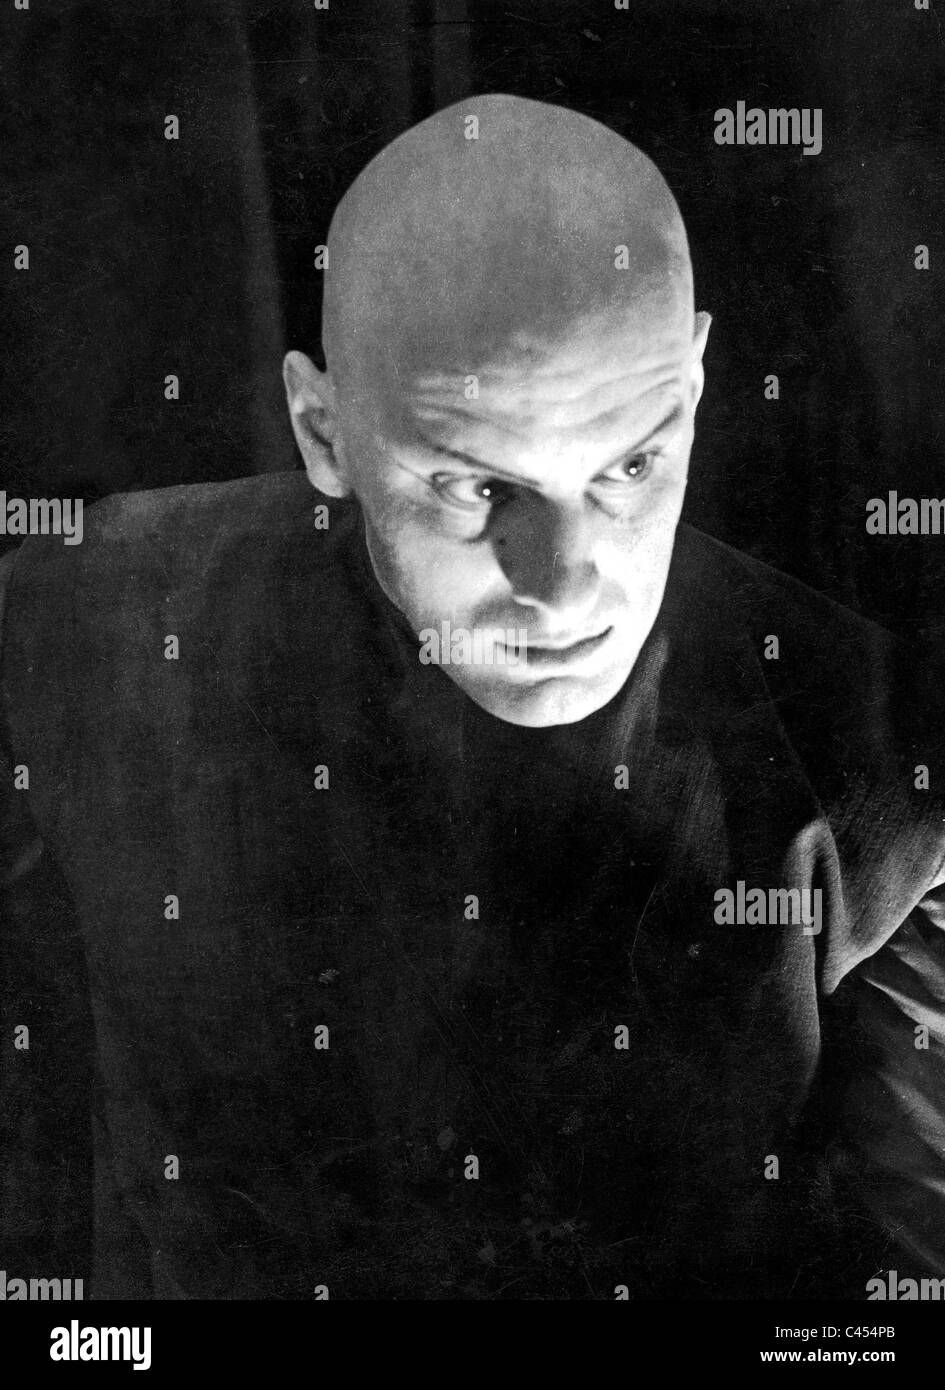 Gustaf Gruendgens as Mephisto in Goethe's' 'Faust', 1932 - Stock Image